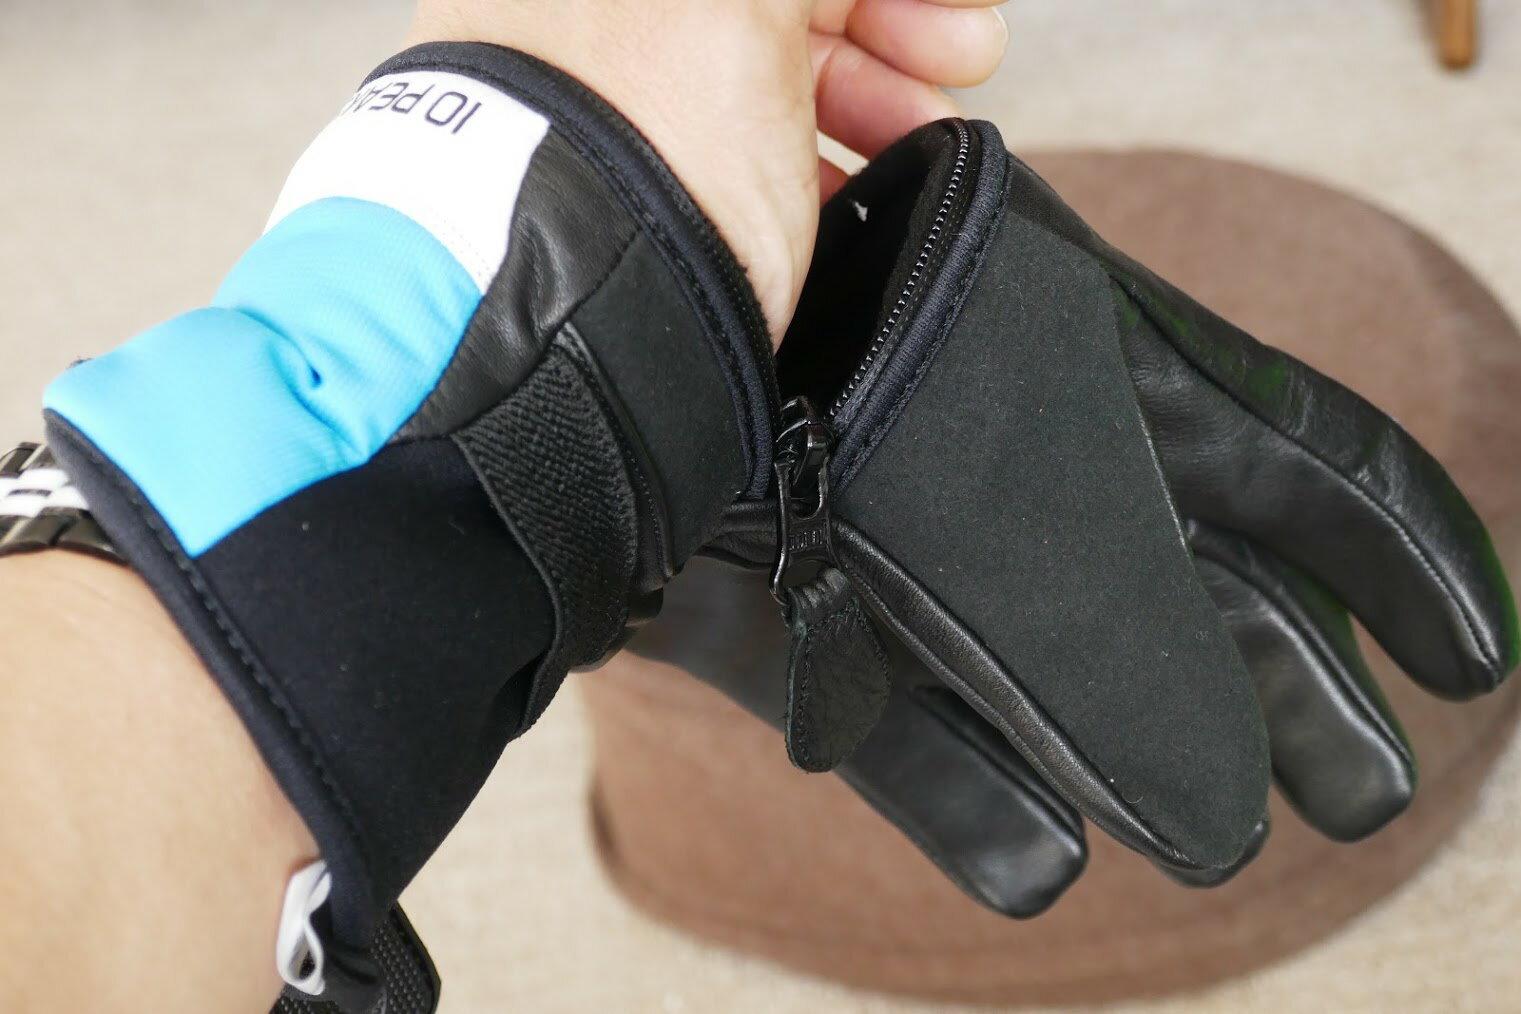 10Peaks 10ピークス Mount Allen マウントアレン ブルー 簡単に指が出せる5フィンガーレザーグローブ